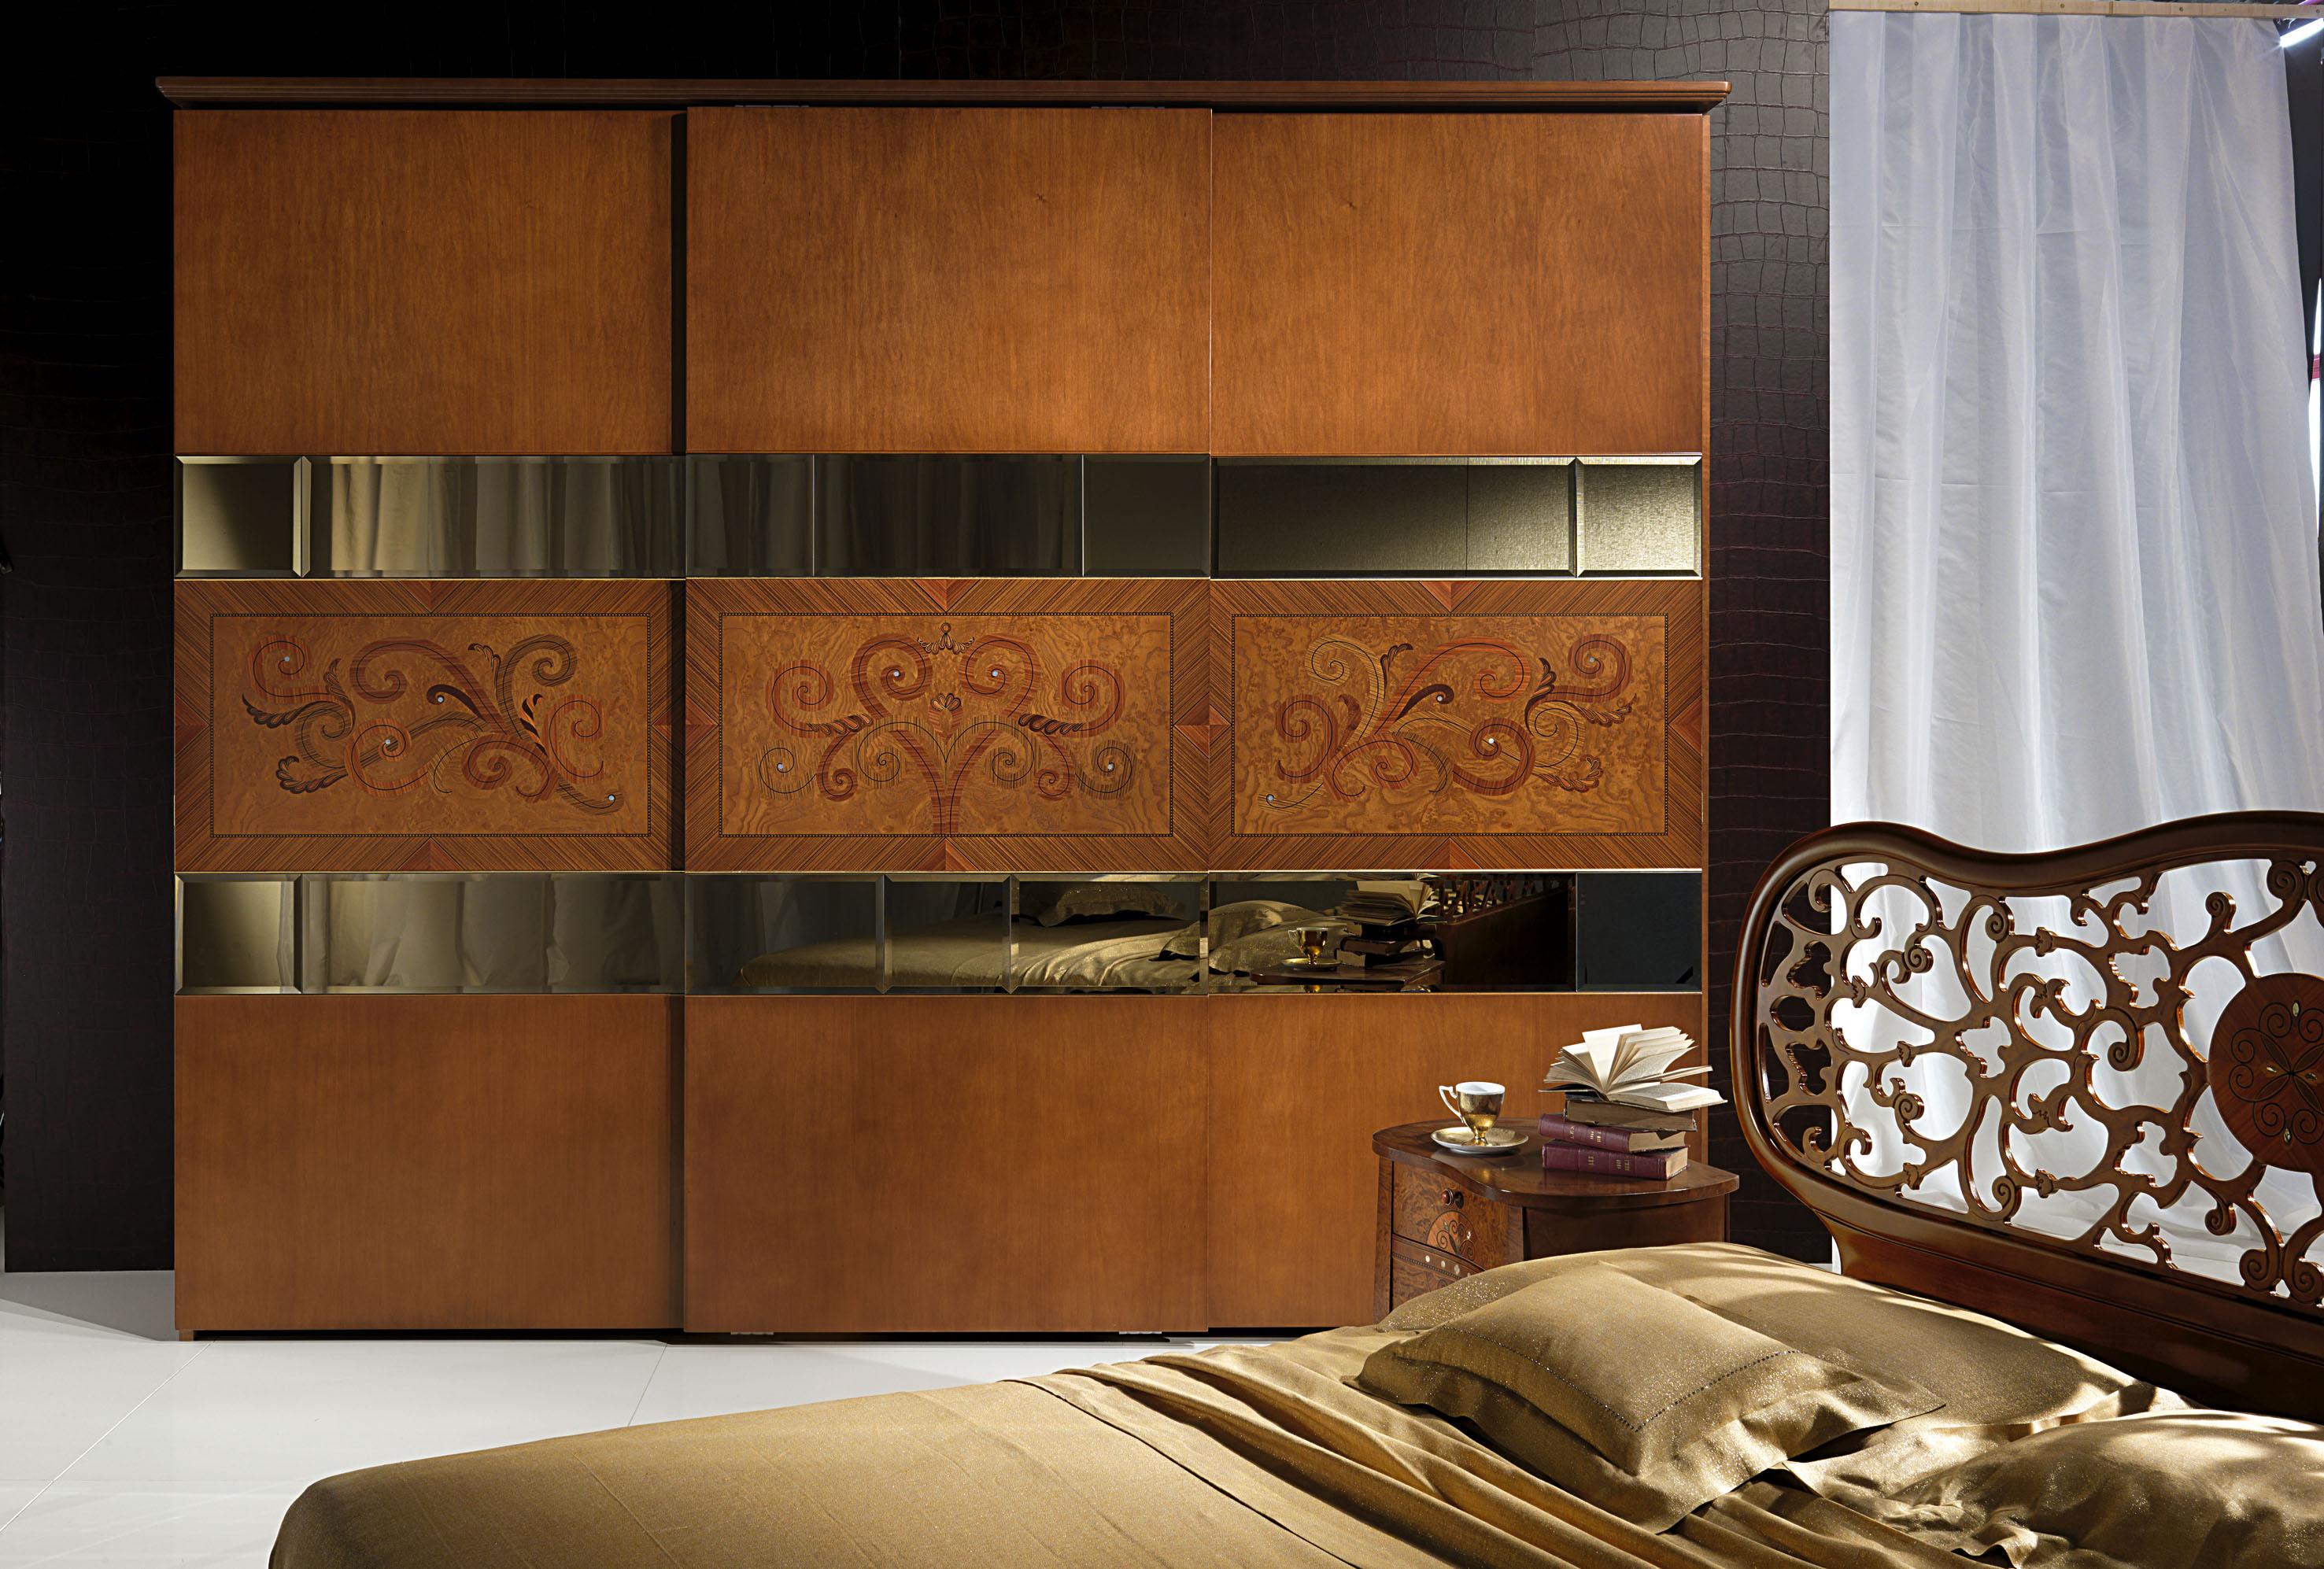 Шкаф carpanelli ar13 купить мебель для спальни италия.